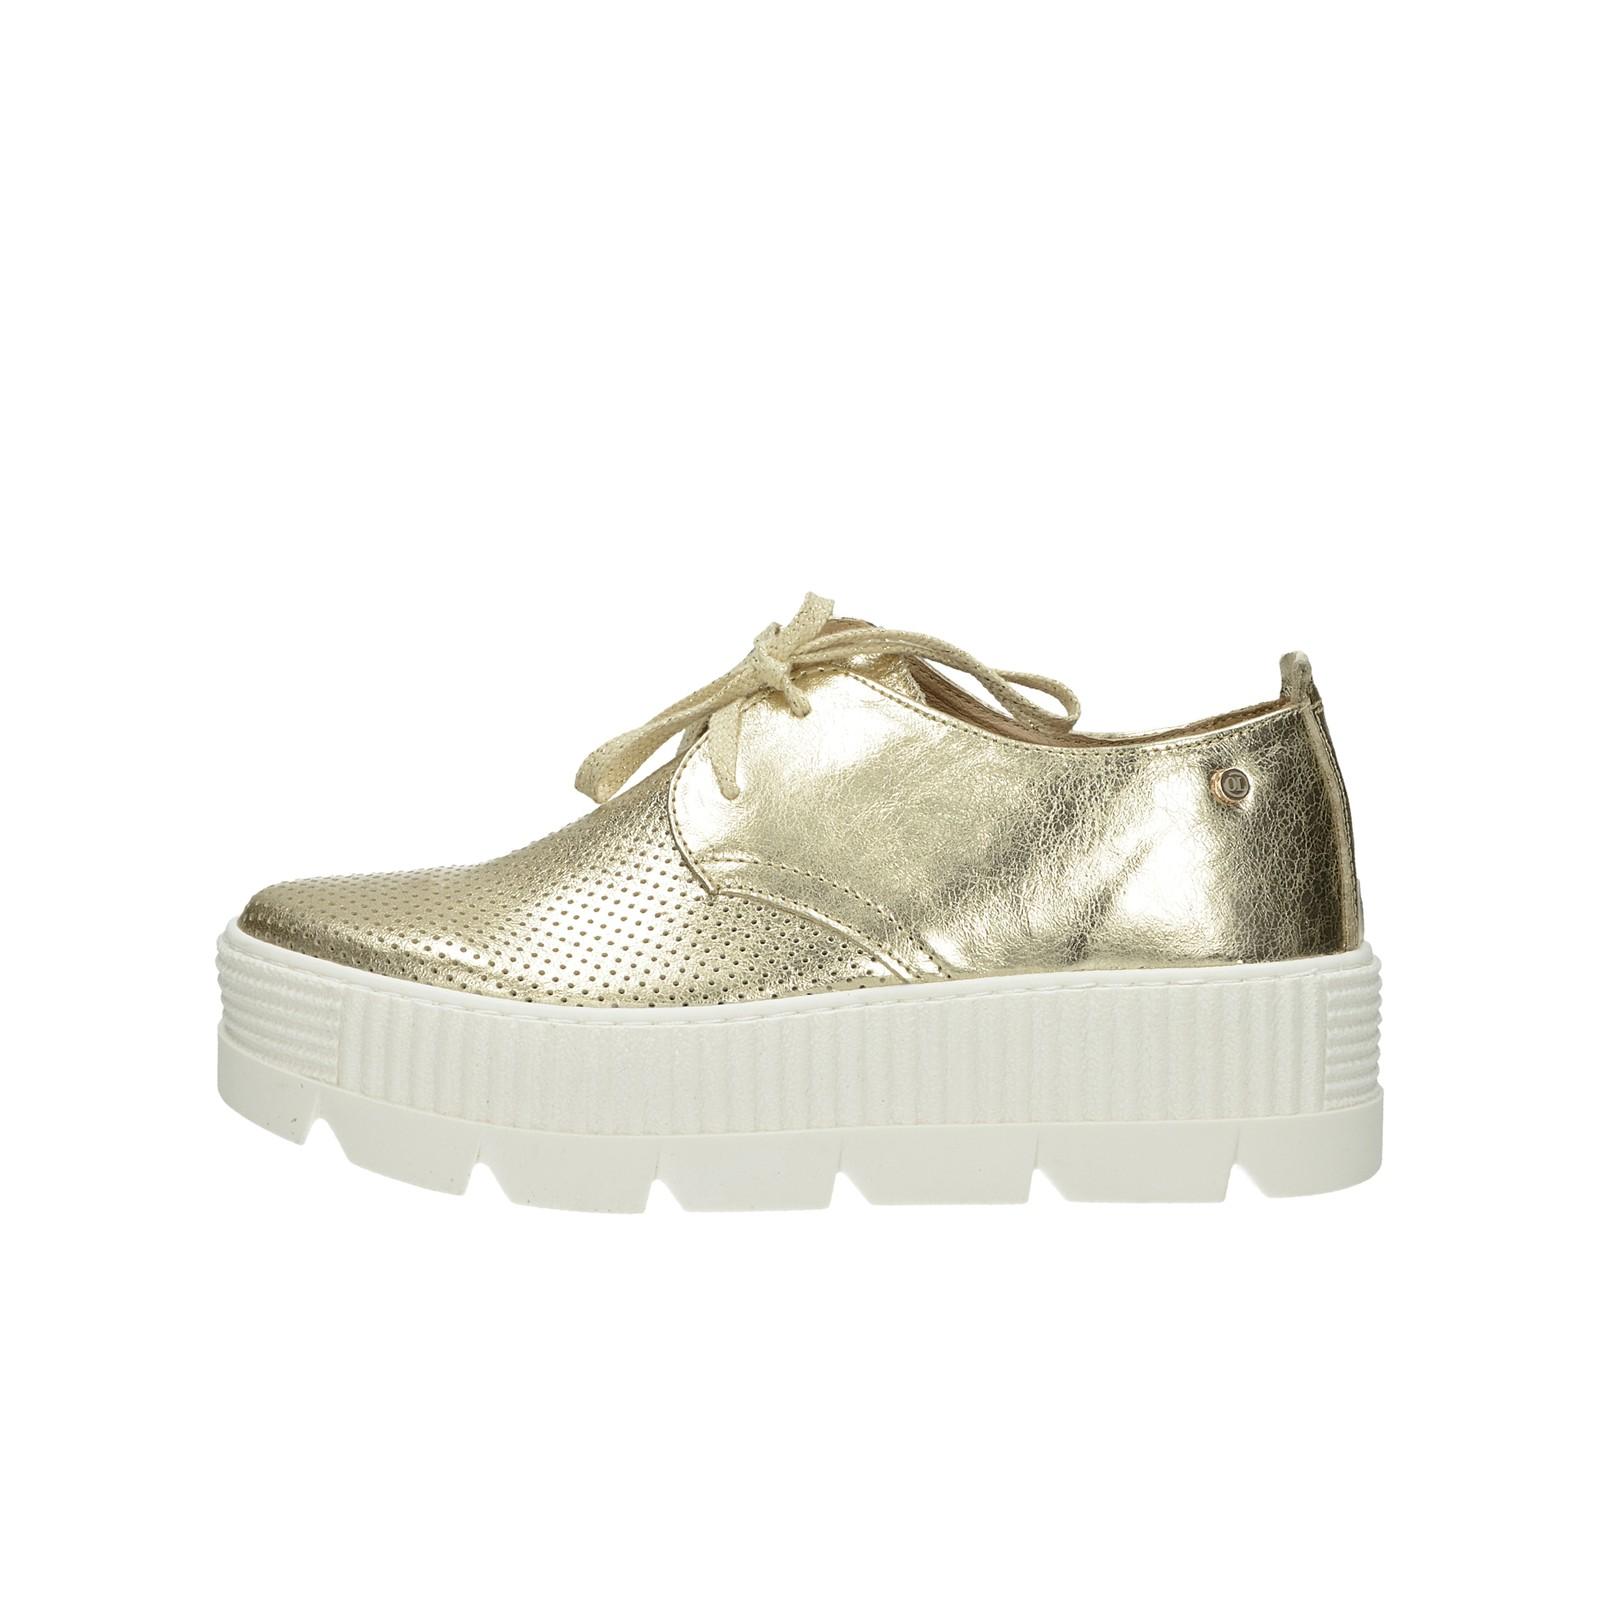 c69fd0674815 ... Olivia shoes dámske štýlové poltopánky na platforme - zlaté ...